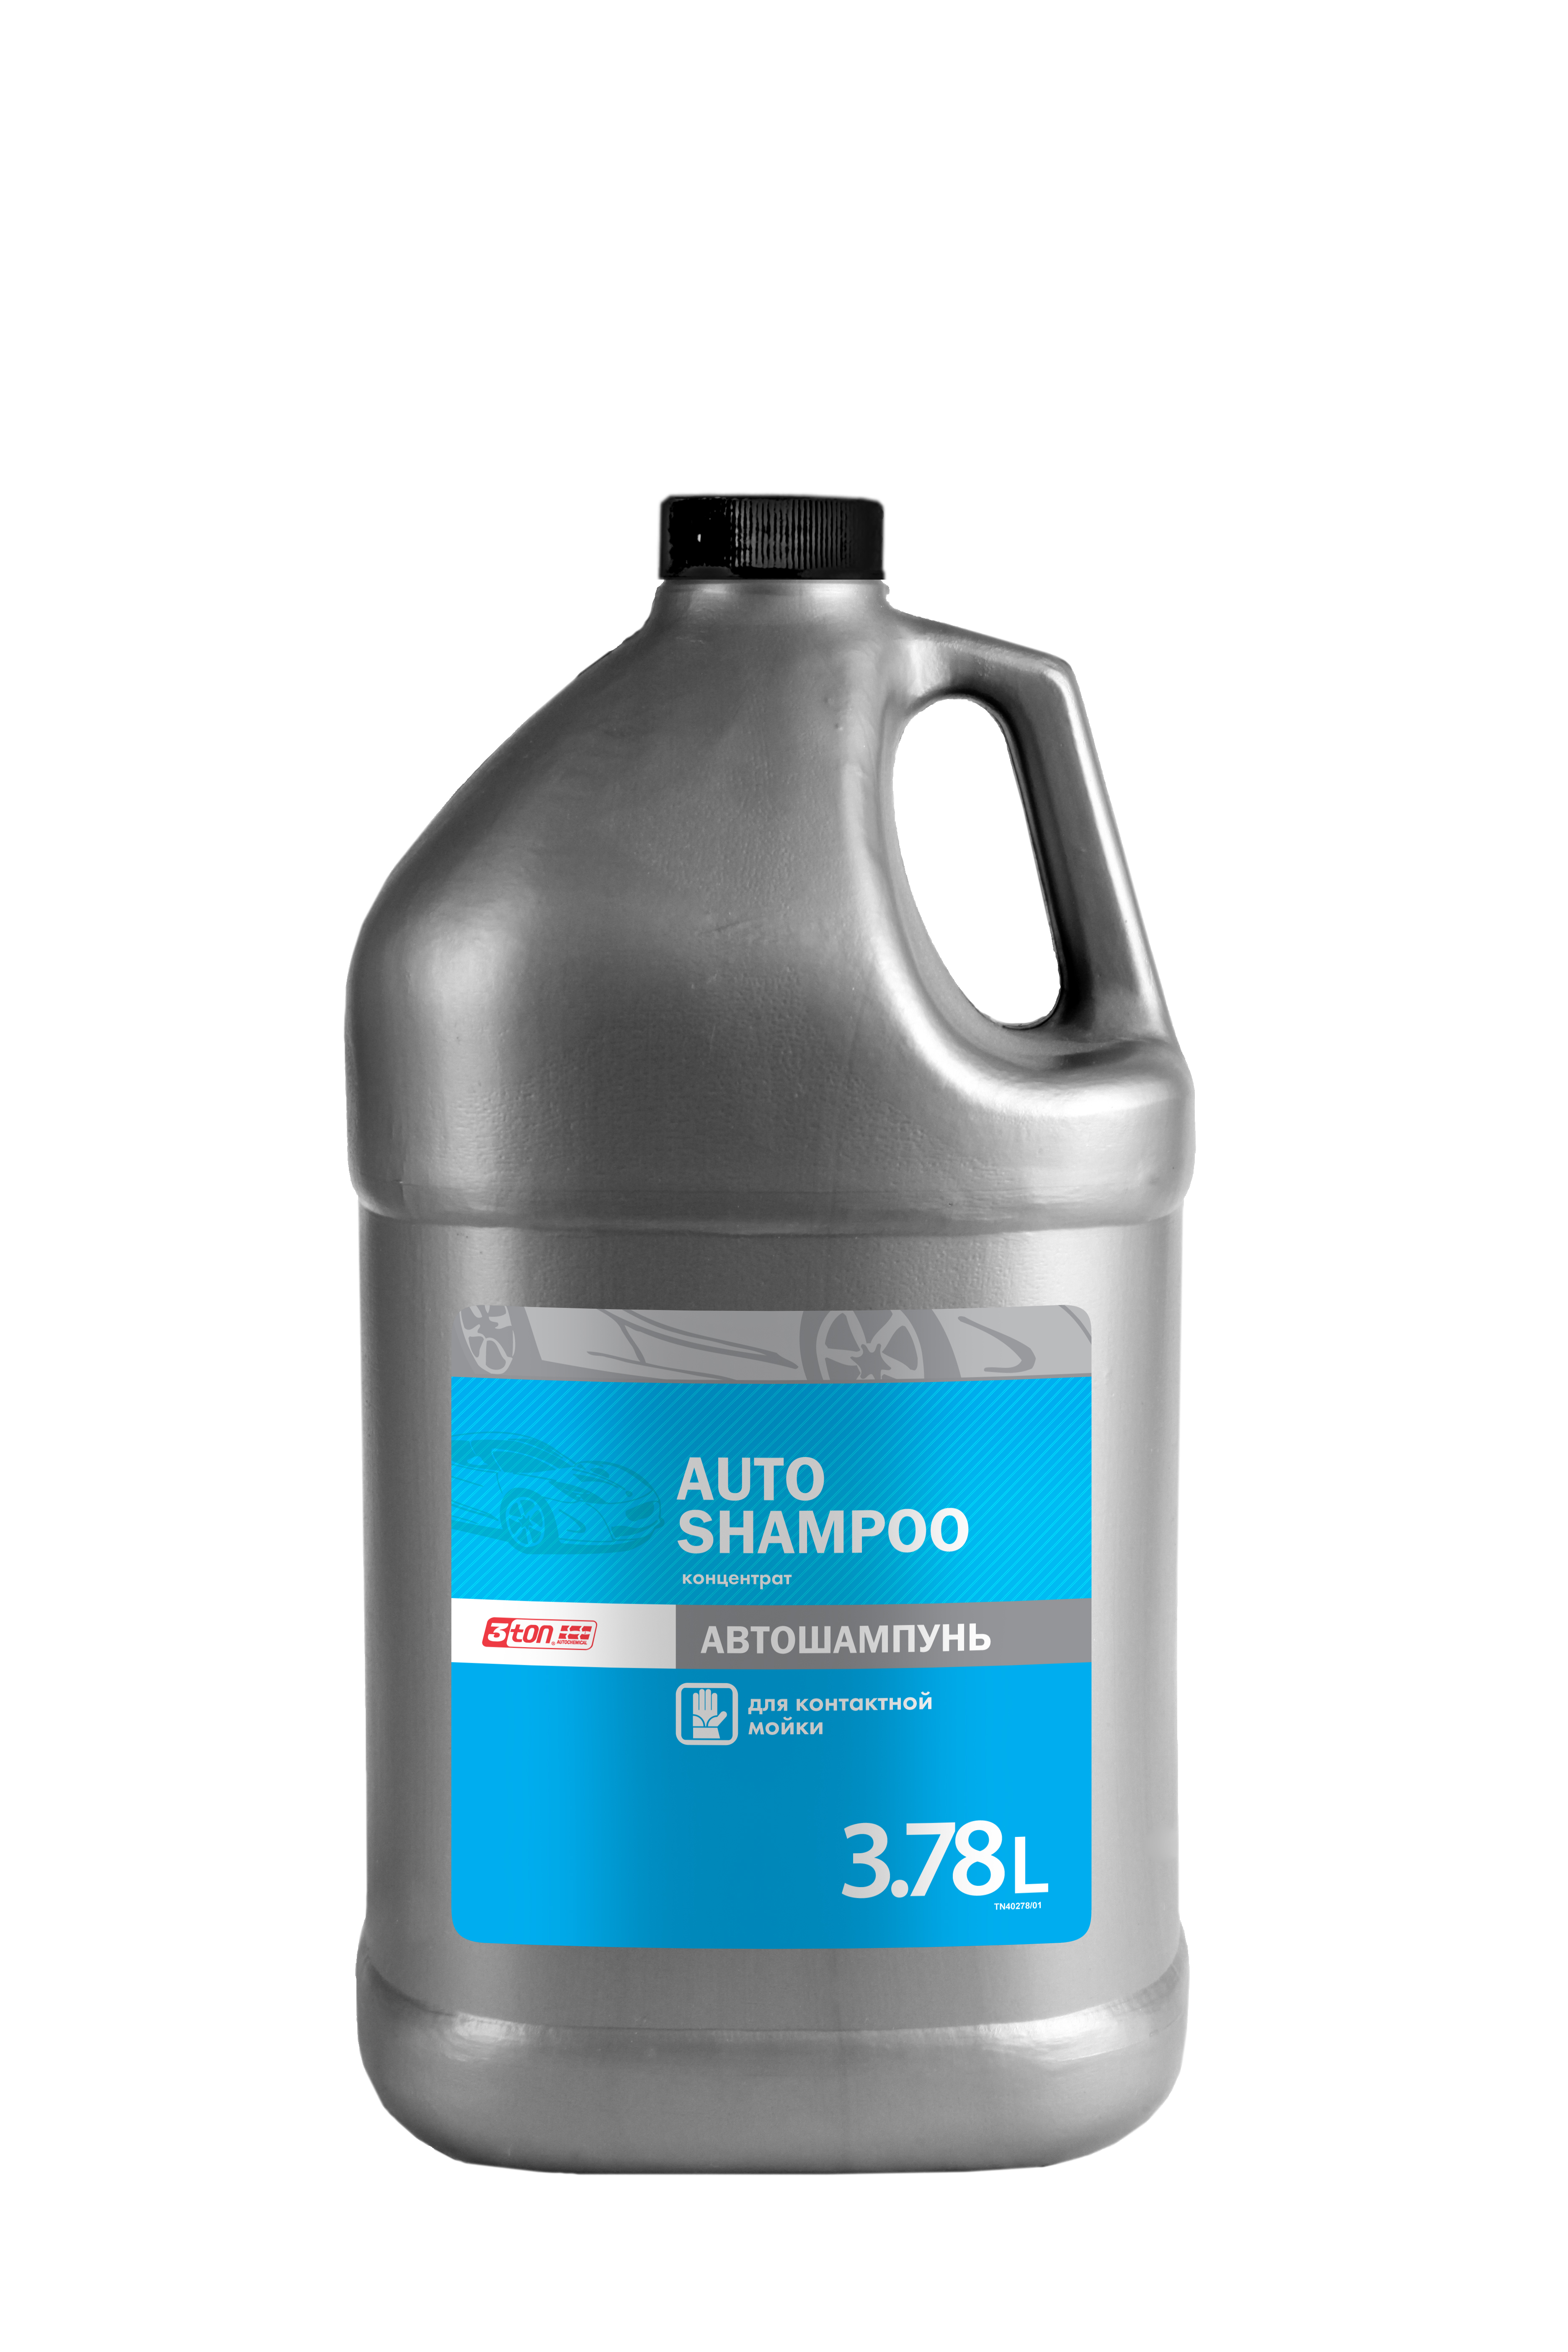 Автошампунь 3ton car wash pro-f (3,78л)